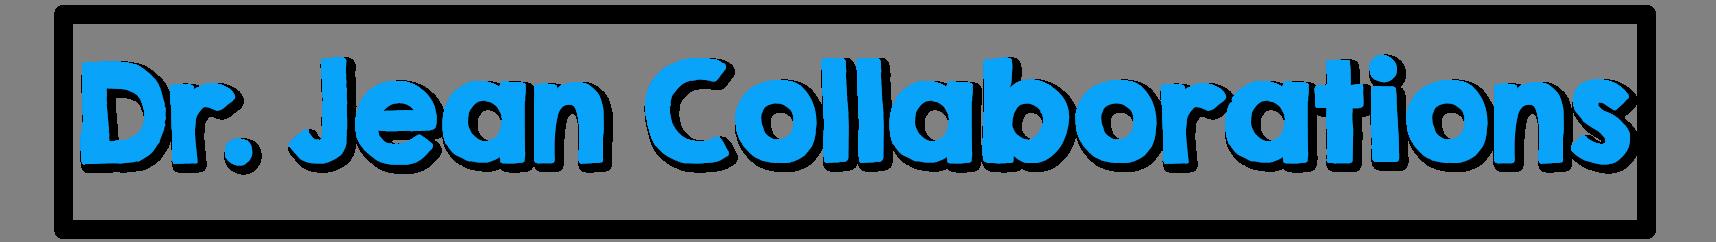 collan